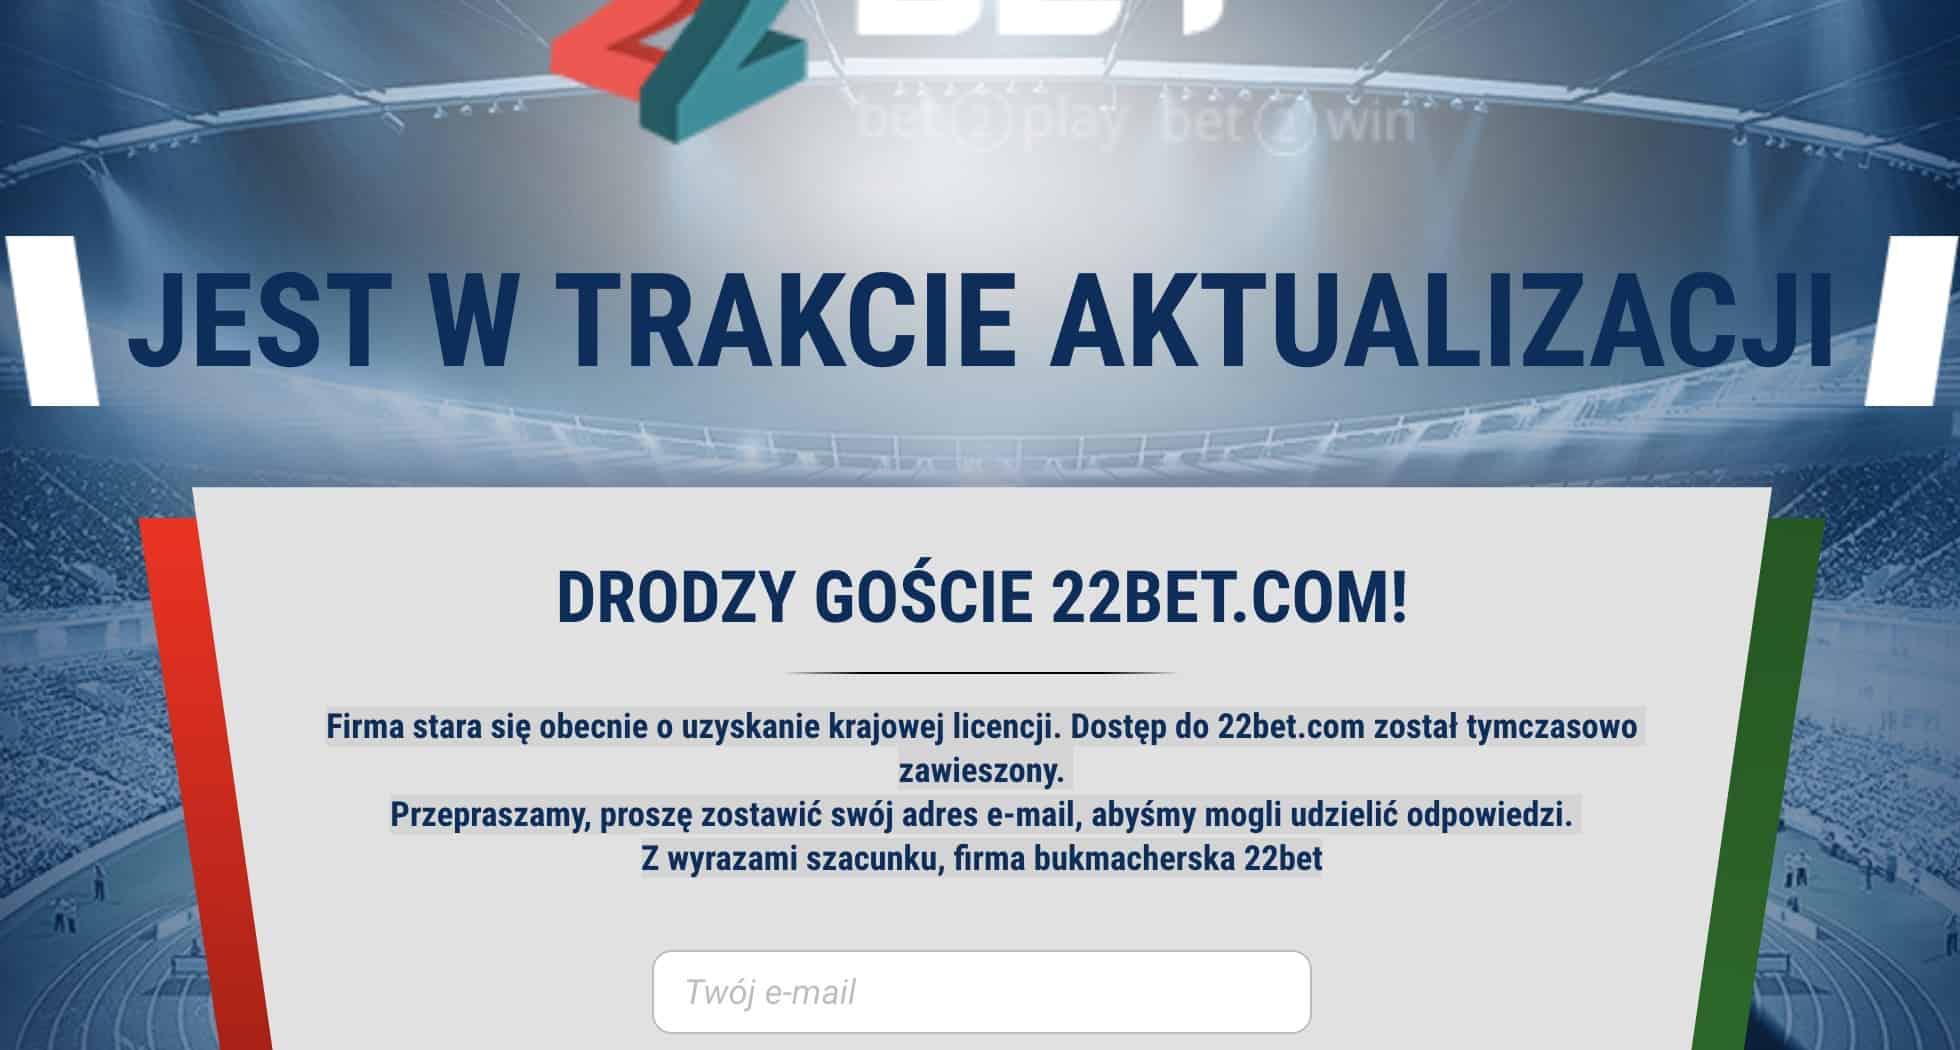 Bukmacher 22bet będzie legalny w Polsce?